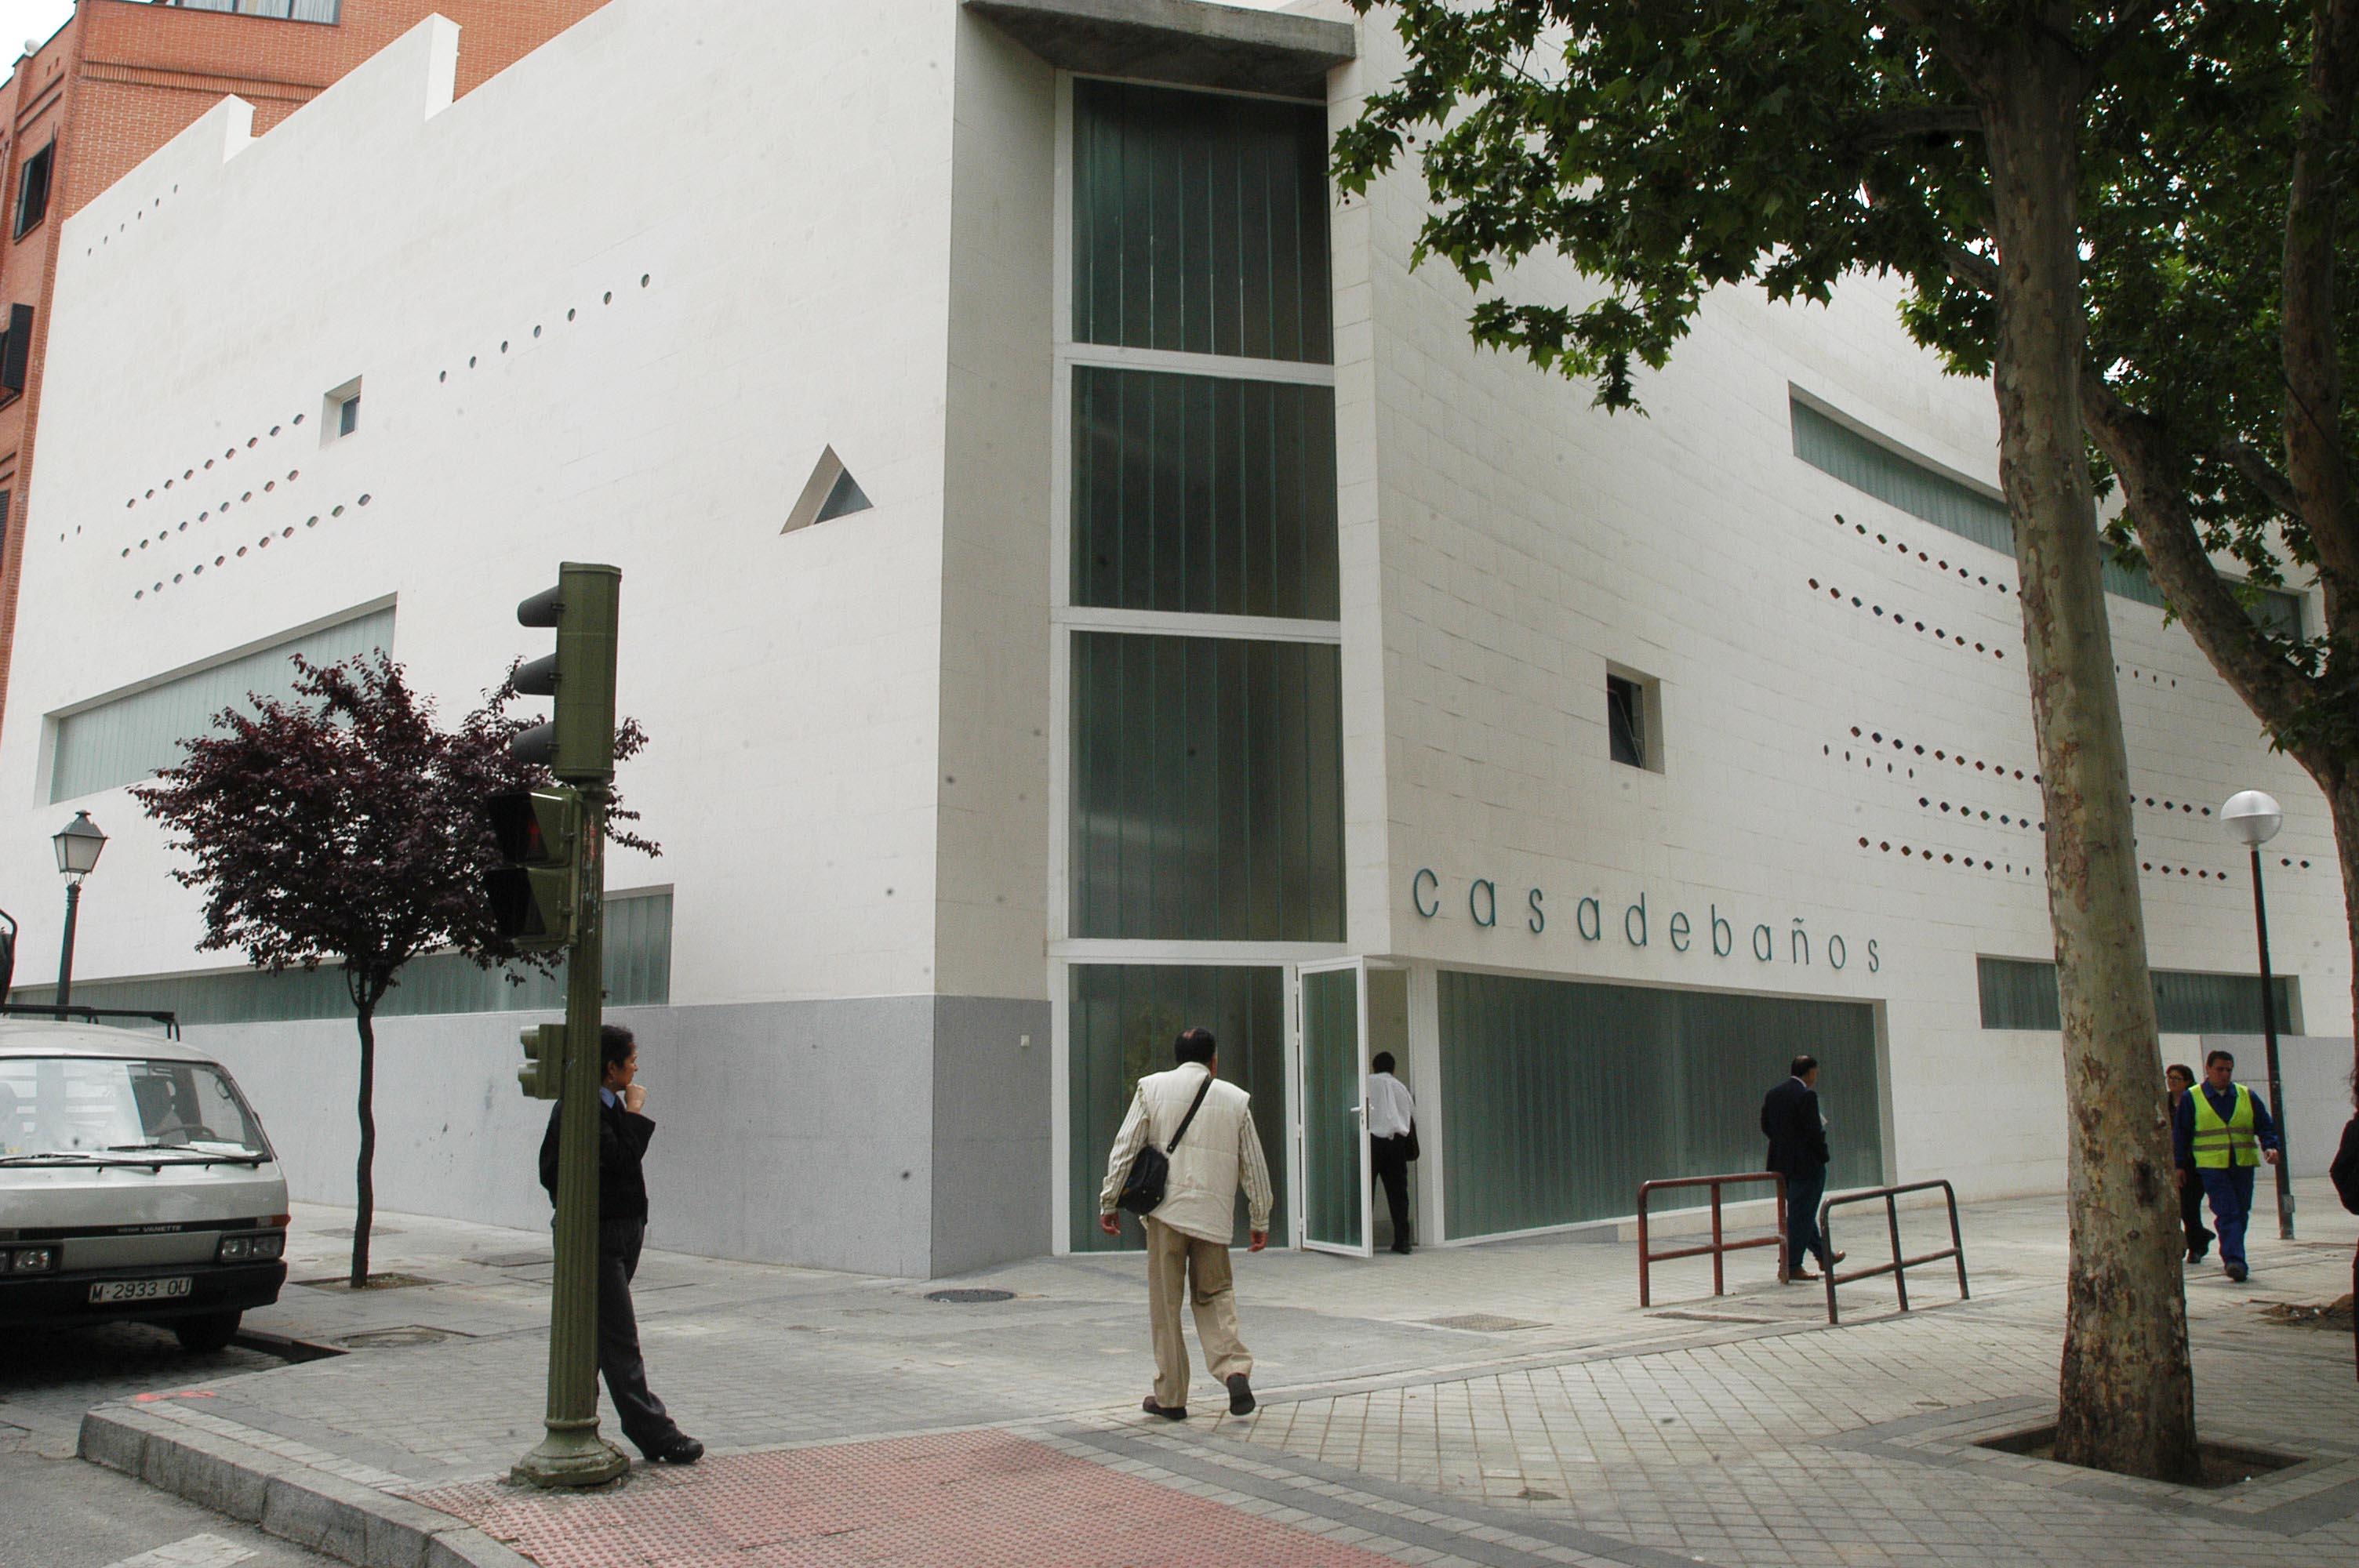 La historia de las Casas de Baños - Madridtectura